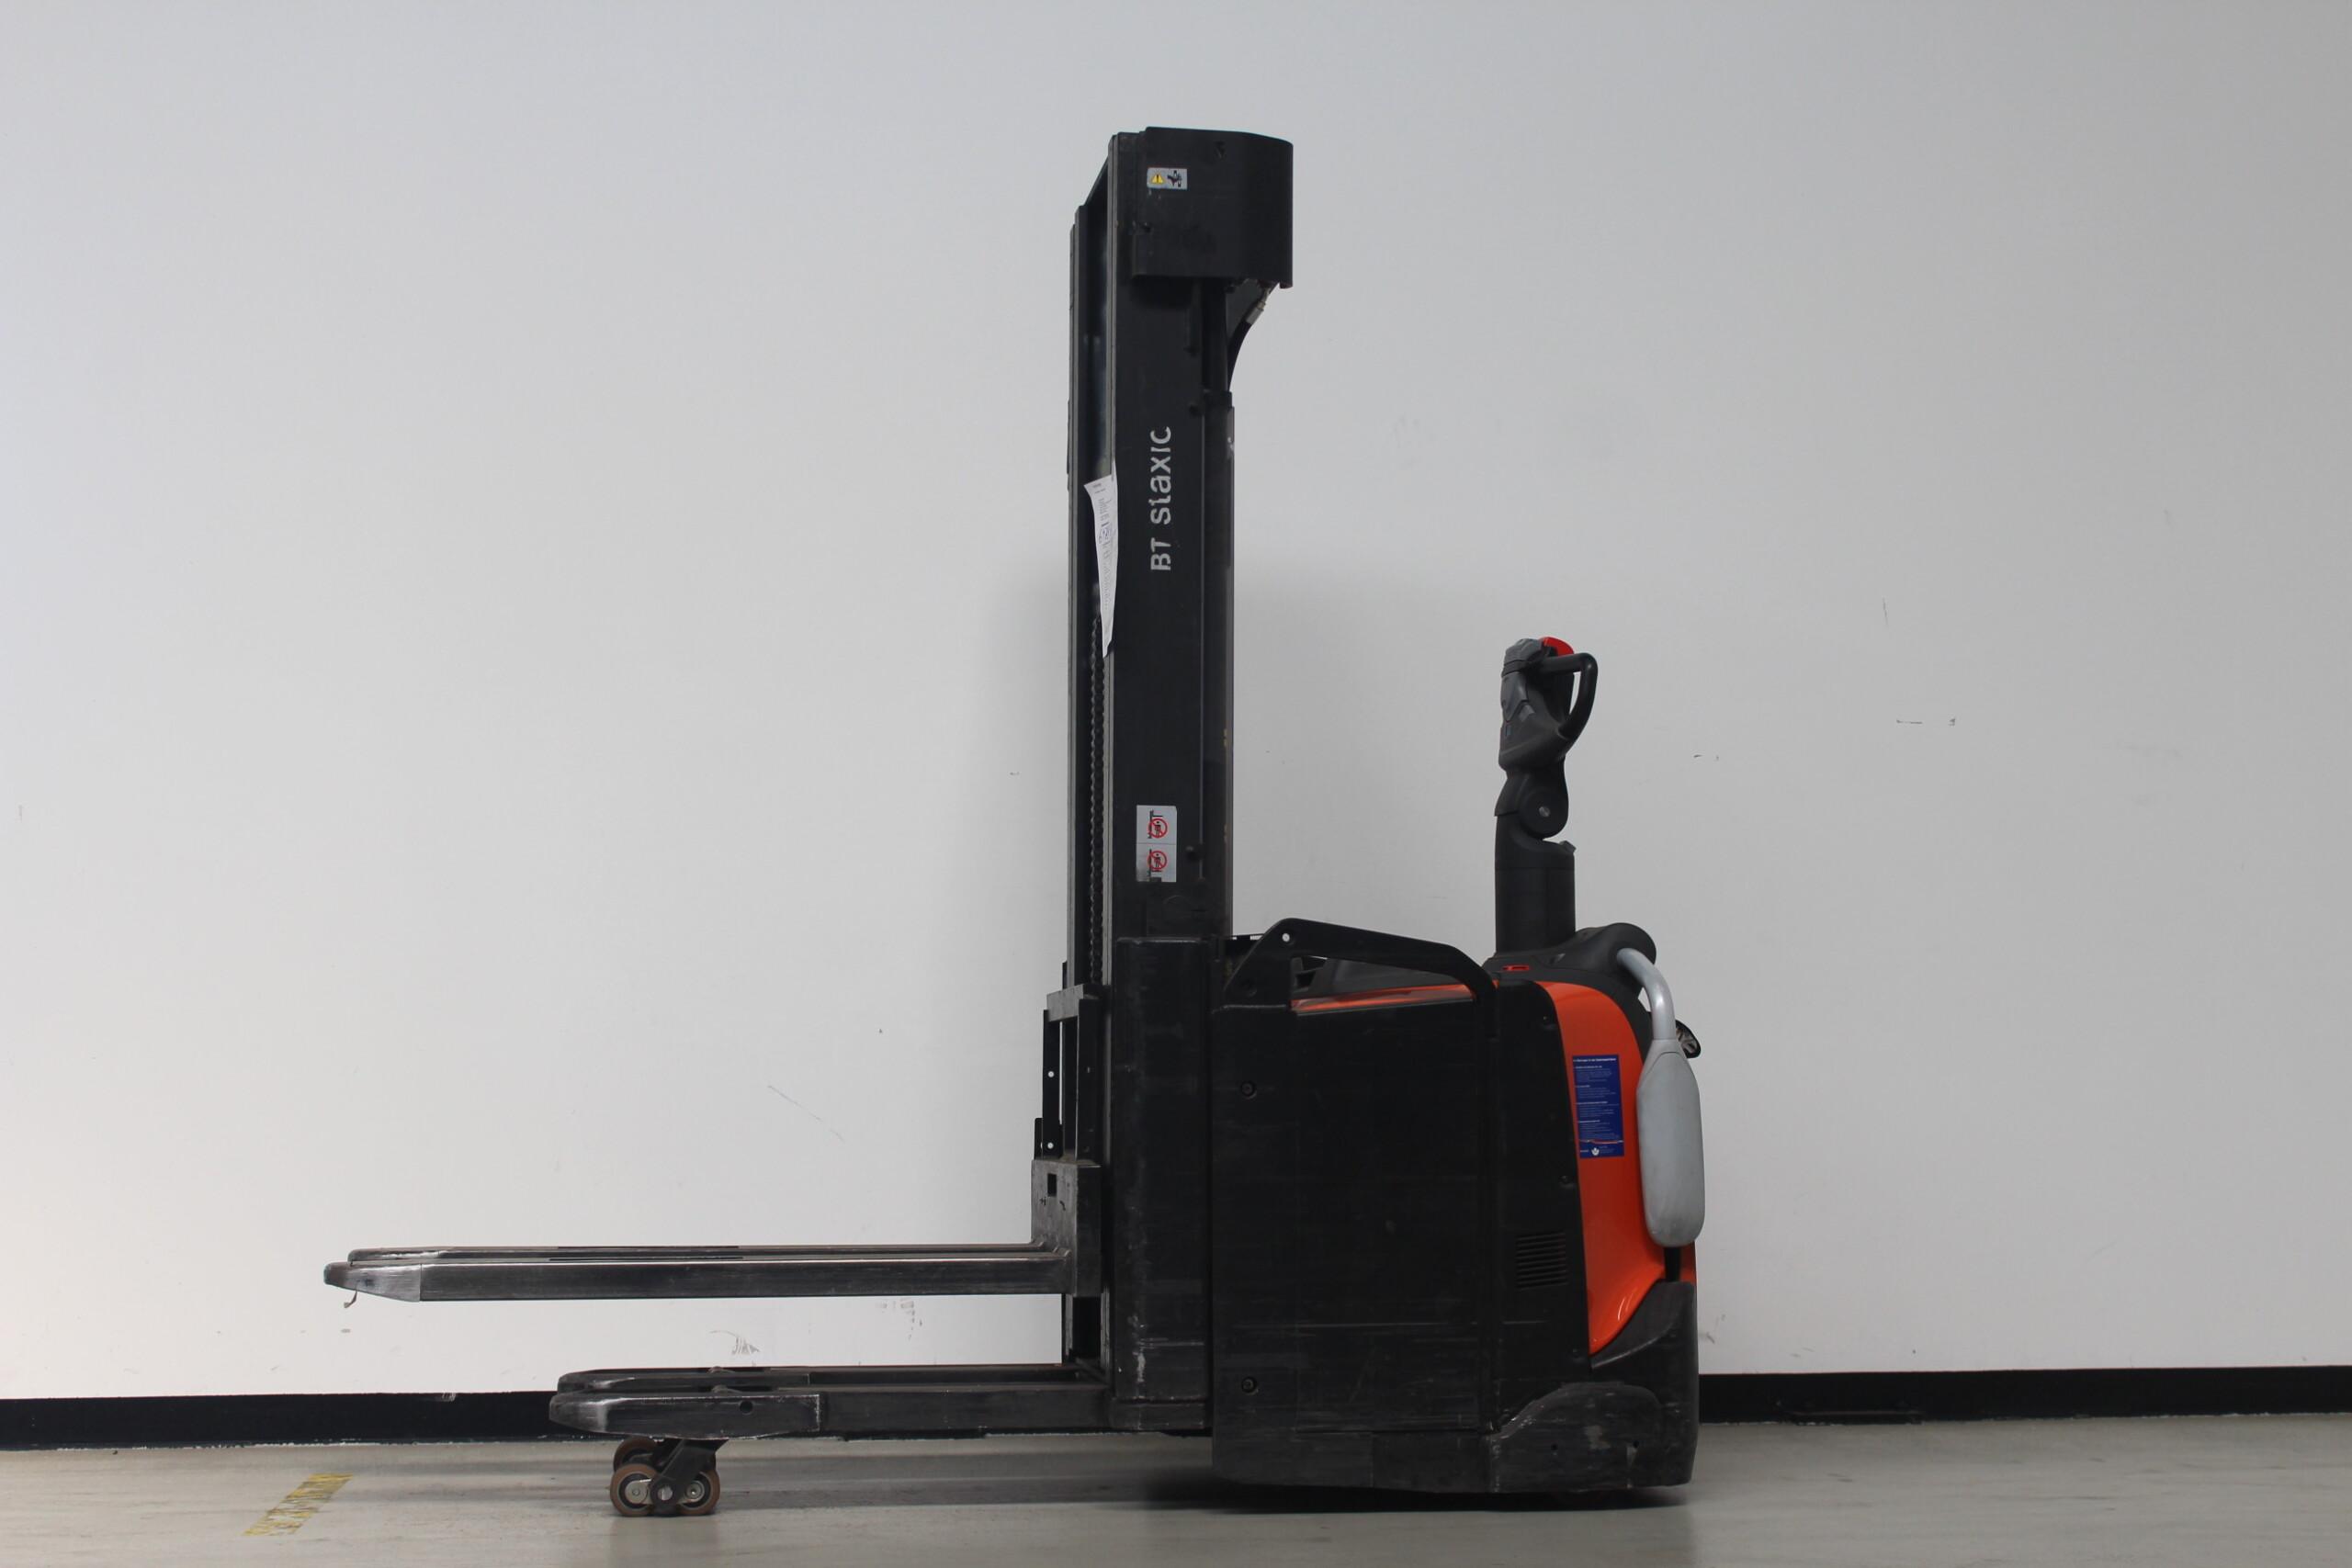 Toyota-Gabelstapler-59840 1701022219 1 89 scaled